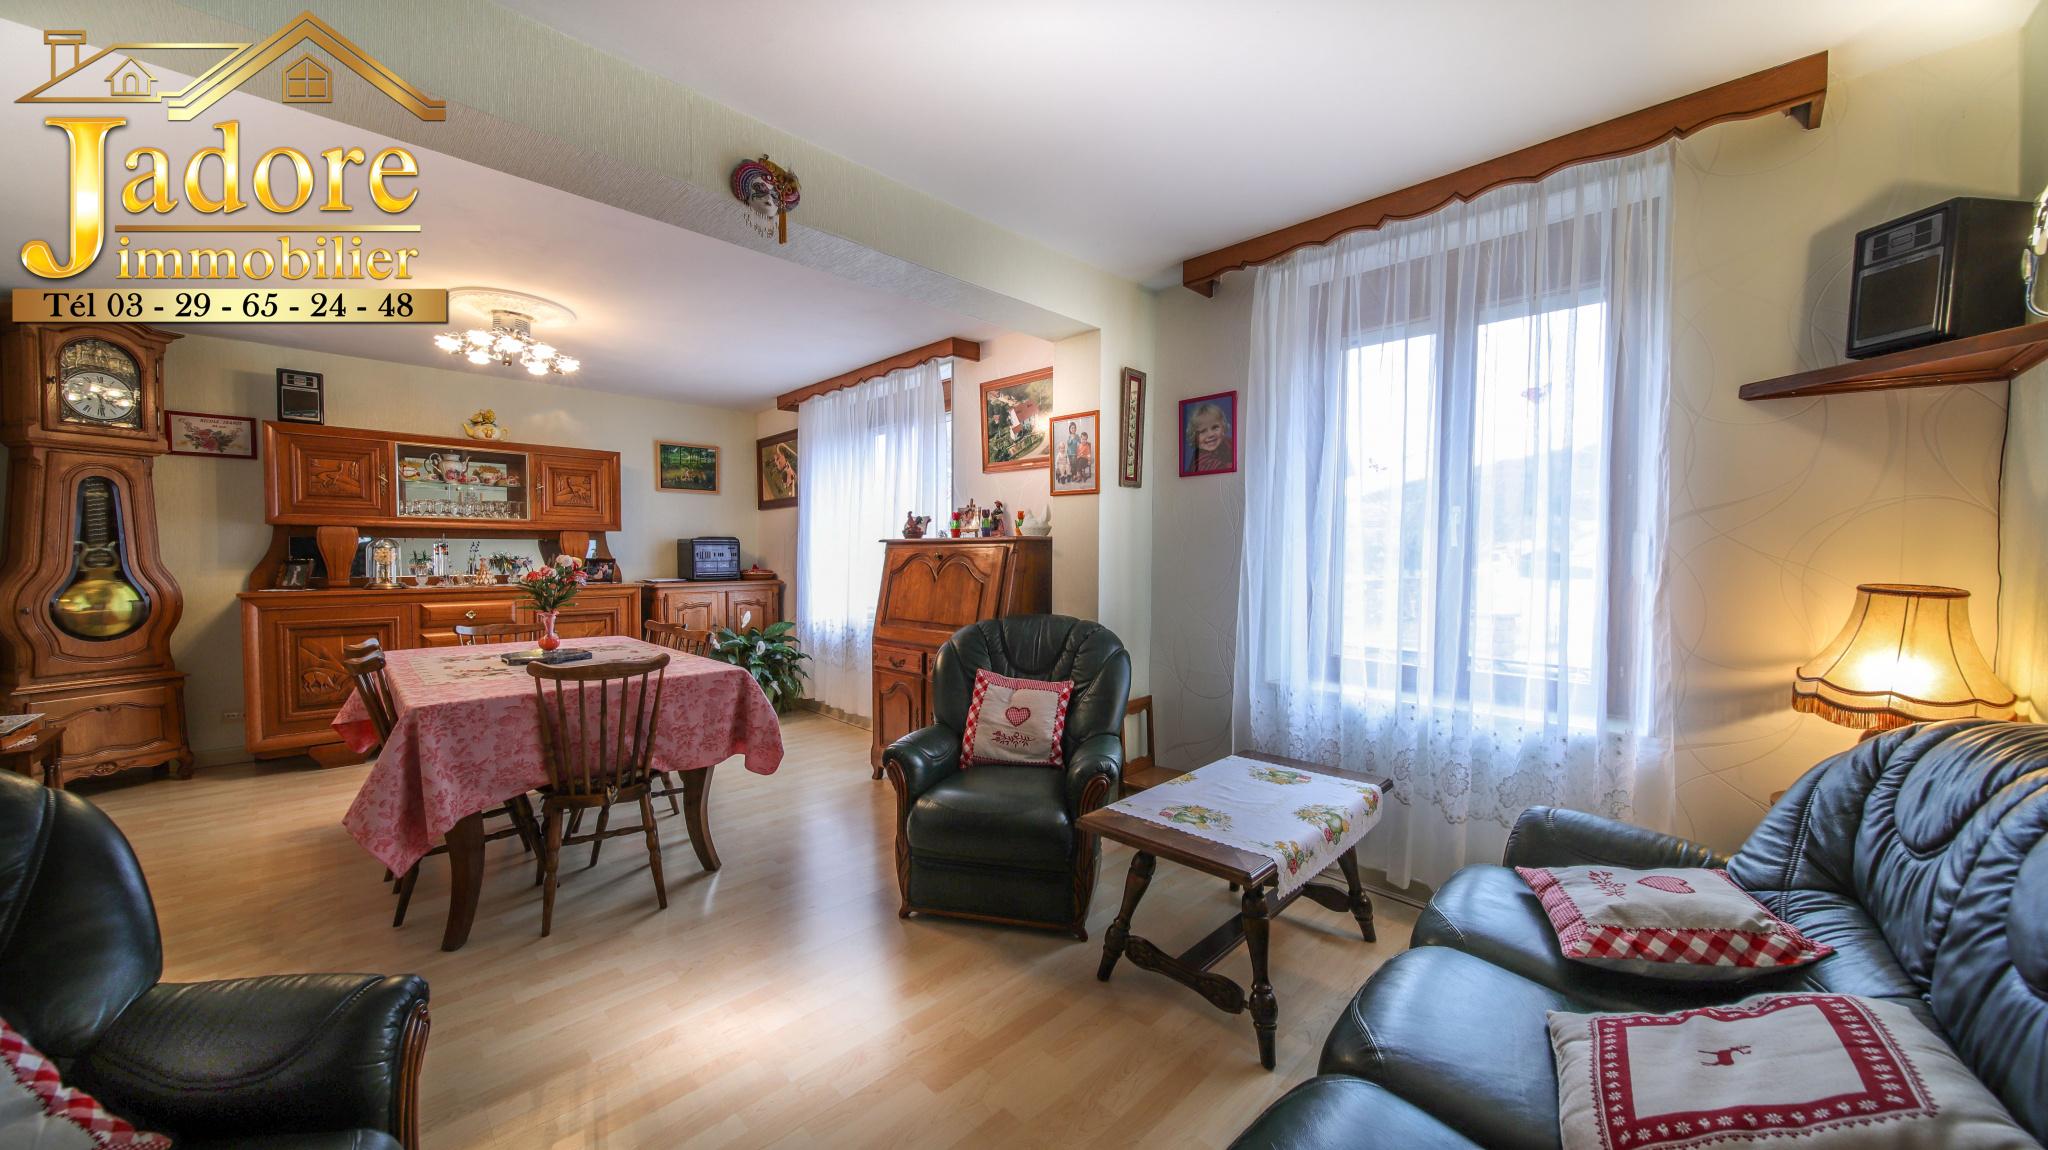 maison/villa à vendre docelles